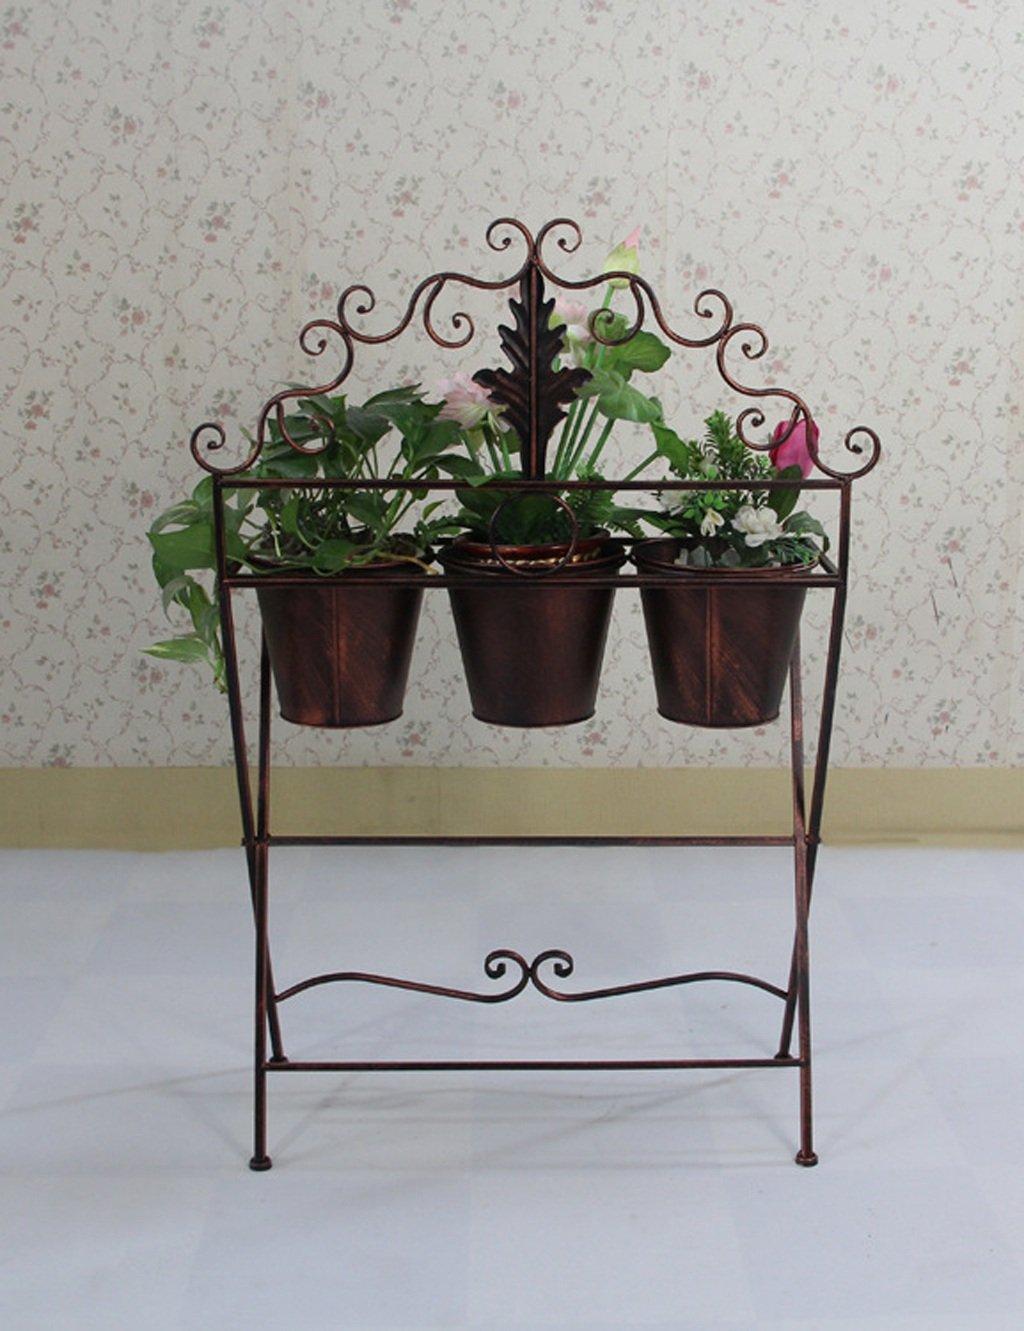 Lb europ ische stil drei tier blumen rack pastoral balkon for Tier blumentopf